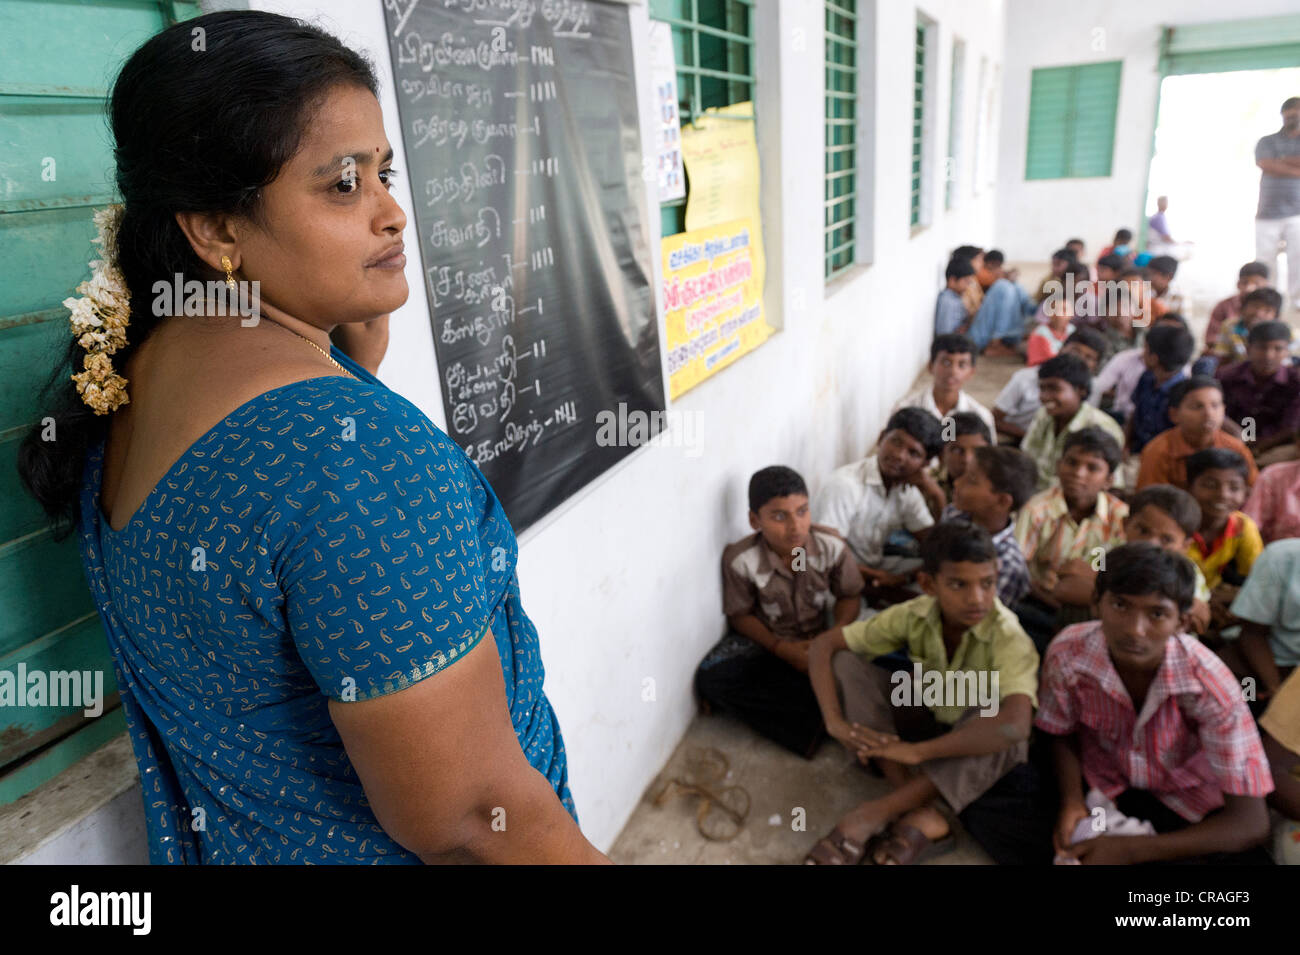 Lehrer, Kinder, Abendschule, Sevandhipalayam in der Nähe von Karur, Tamil Nadu, Südindien, Asien Stockbild